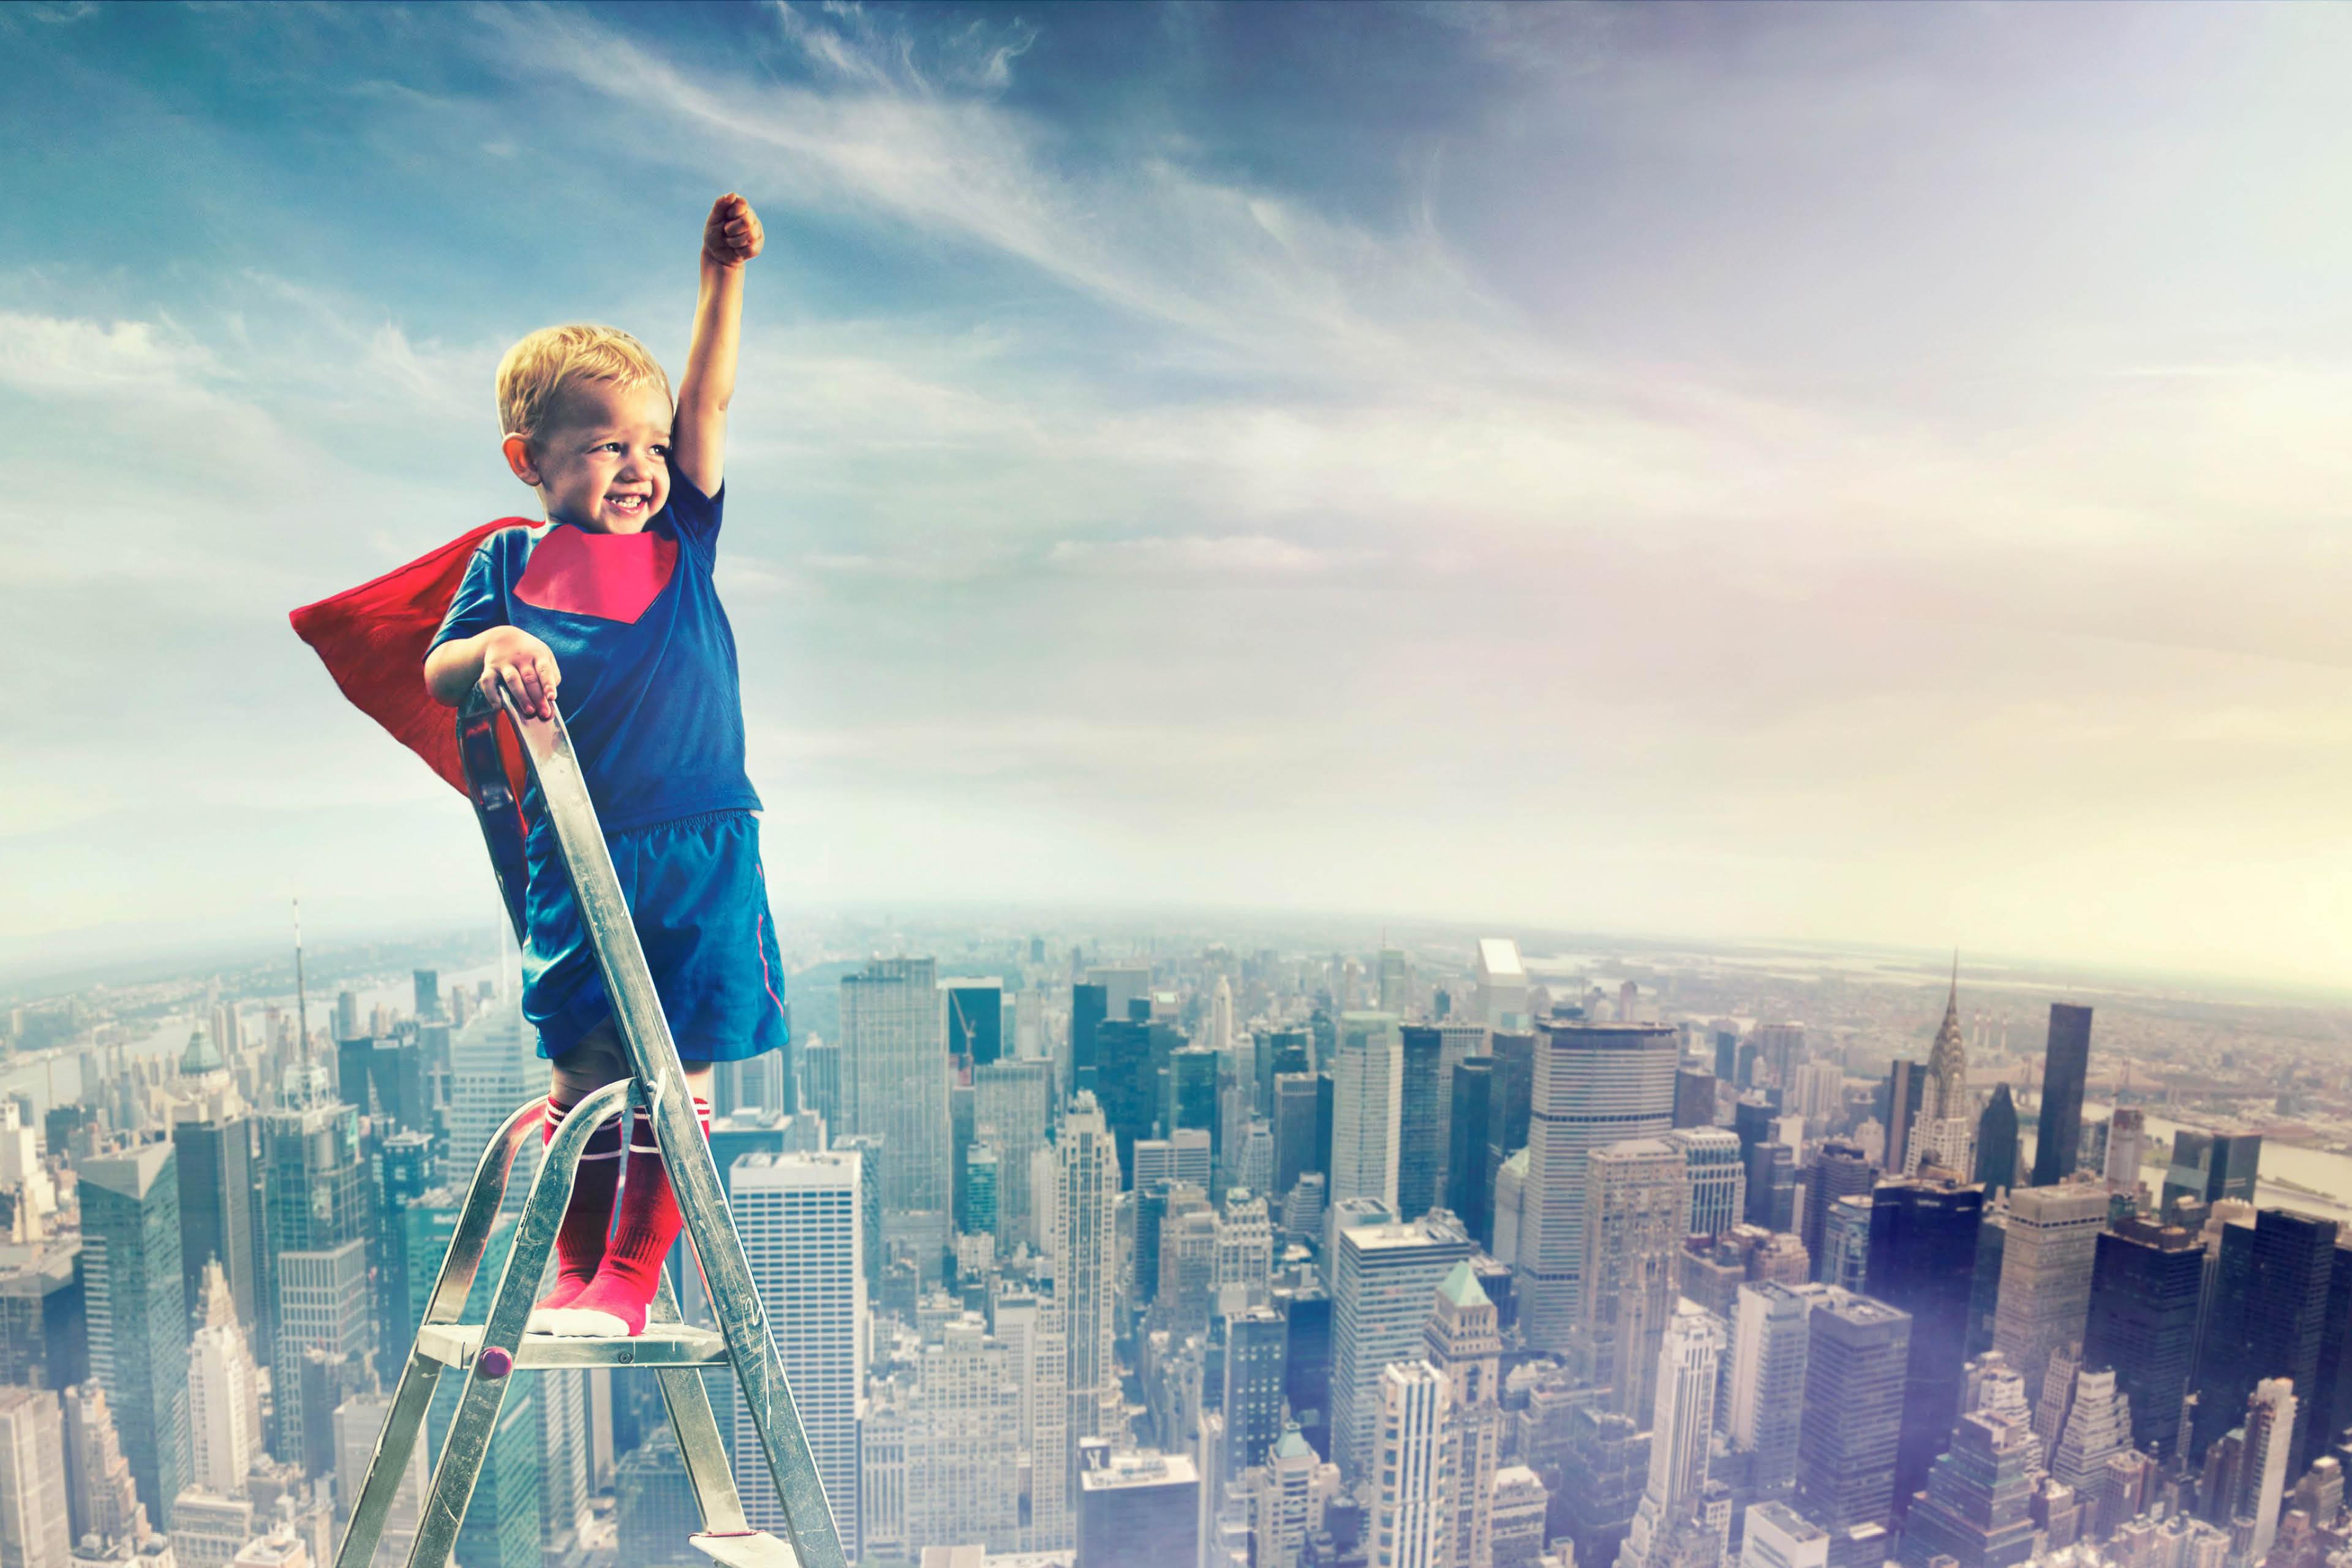 Small boy superhero climbing